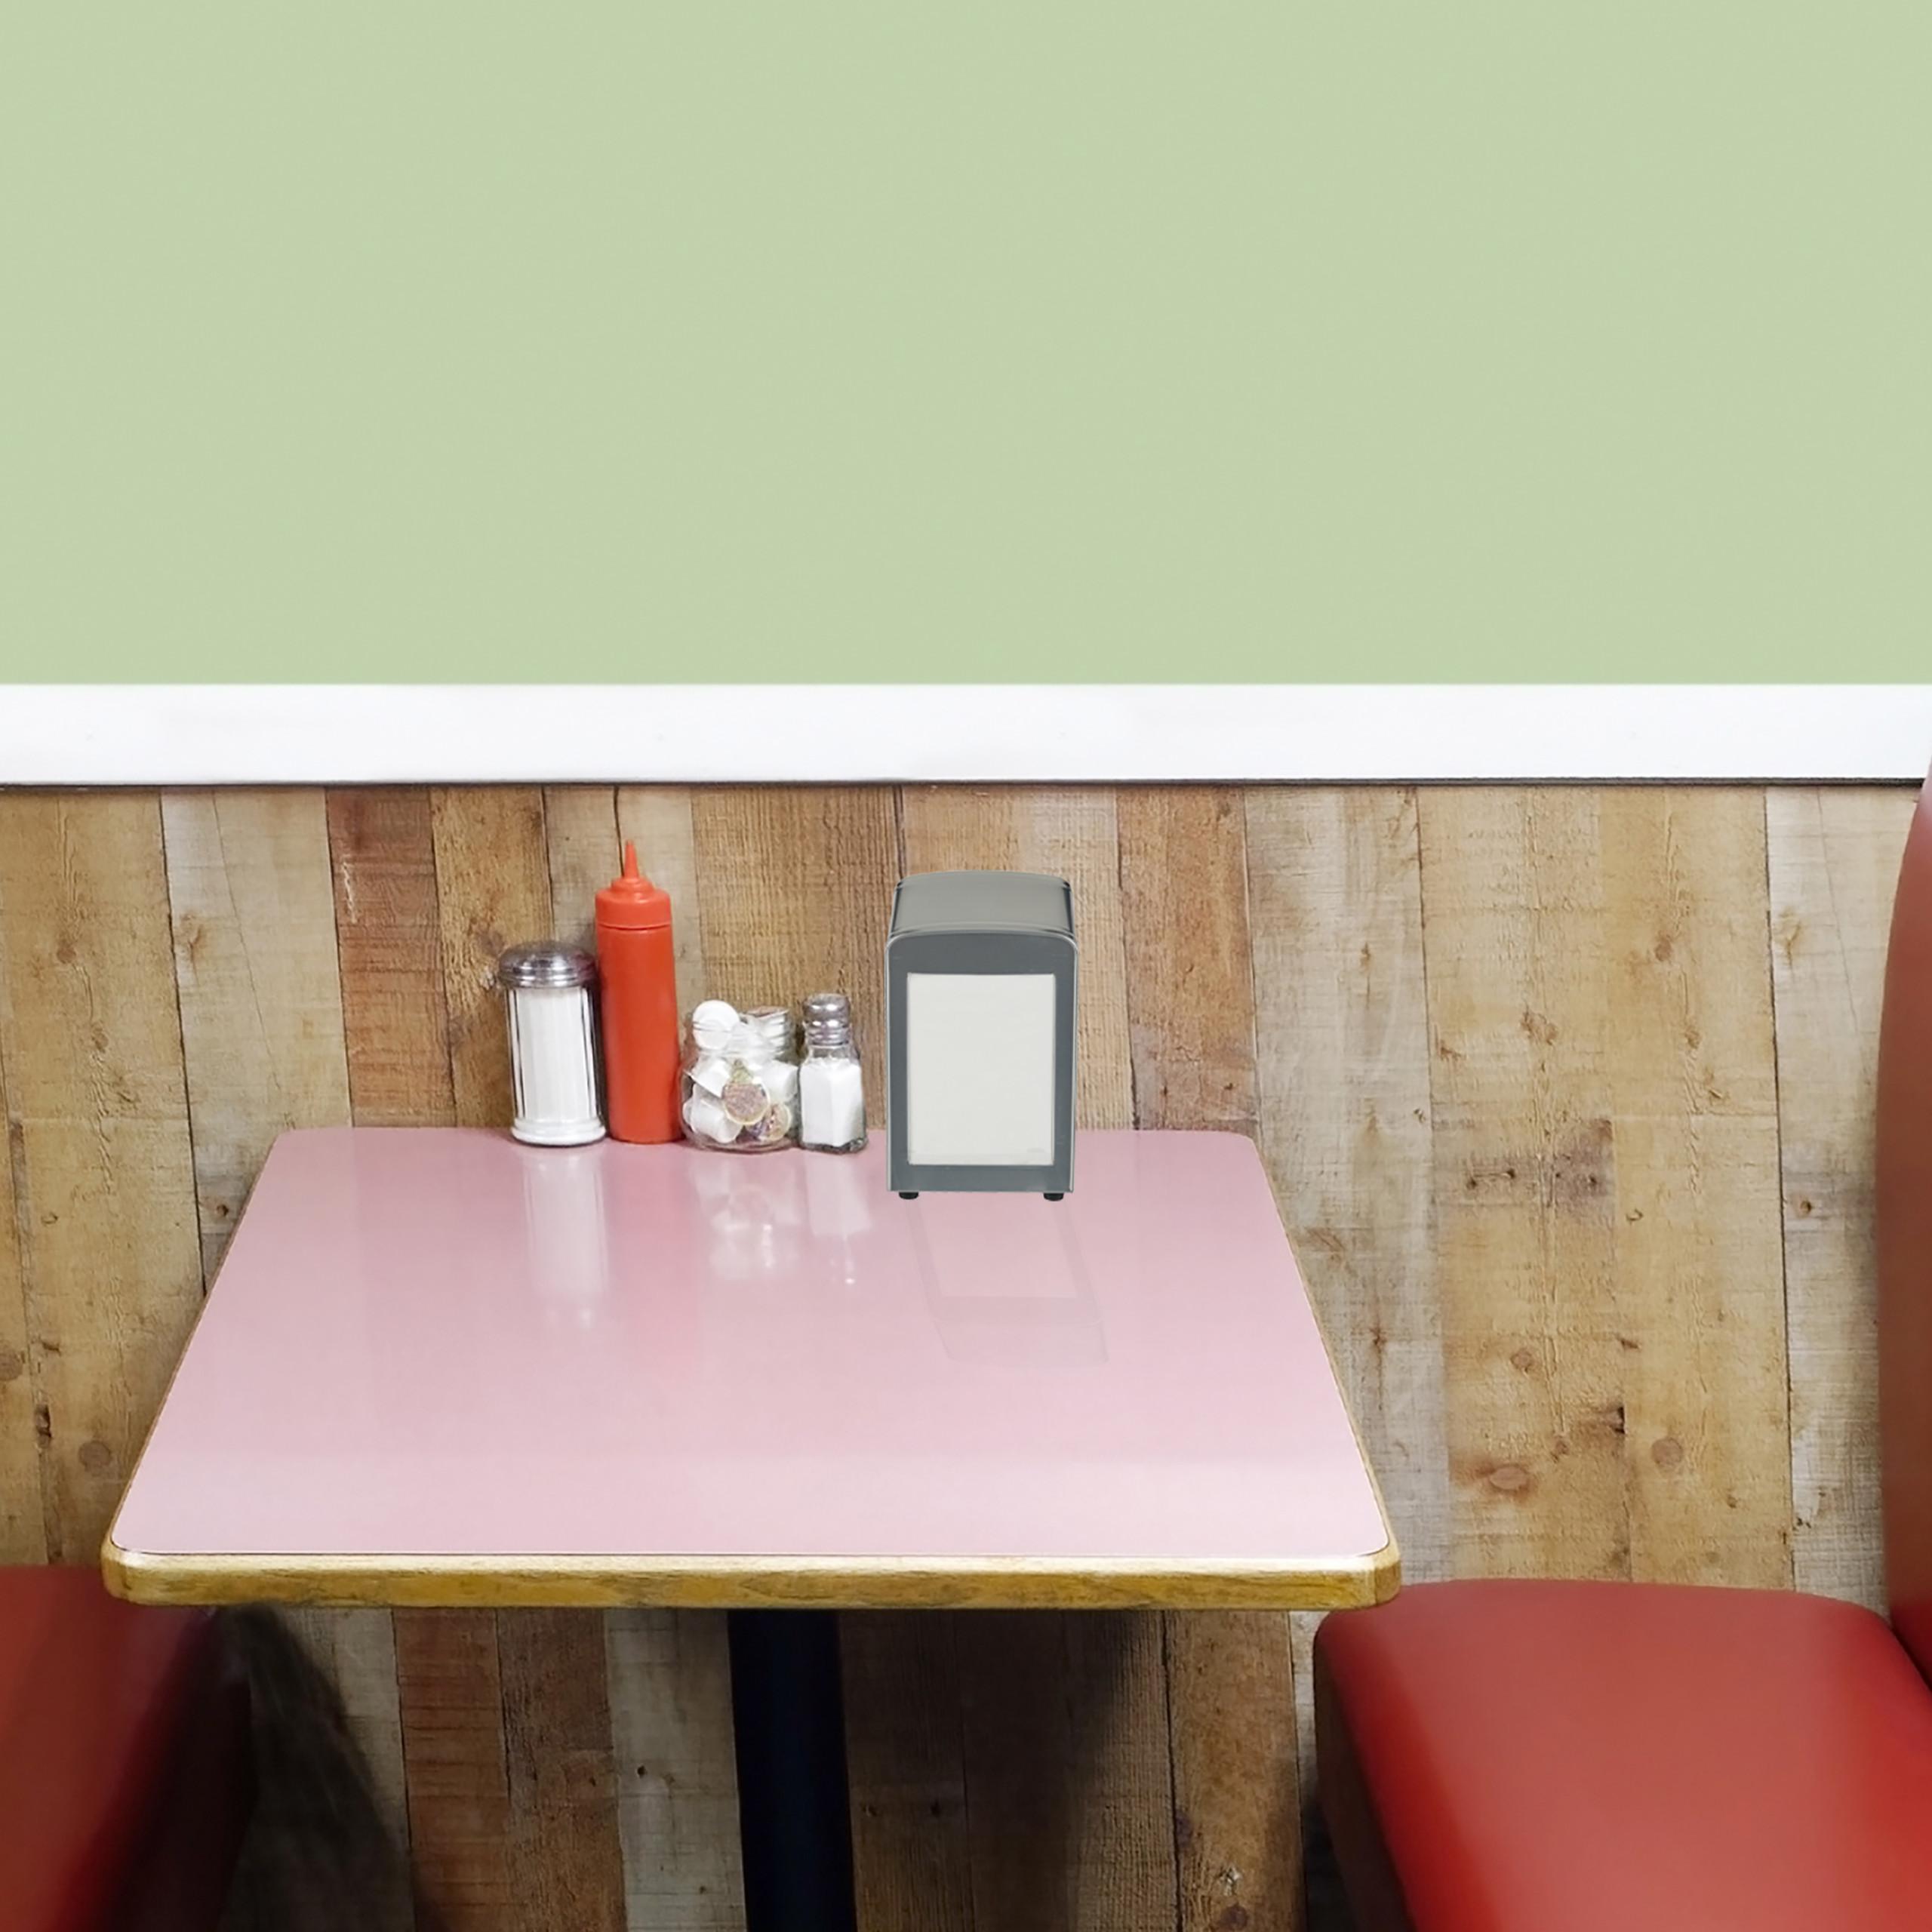 Napkin-Dispenser-Retro-American-Diner-Serviette-Holder-Restaurant thumbnail 5